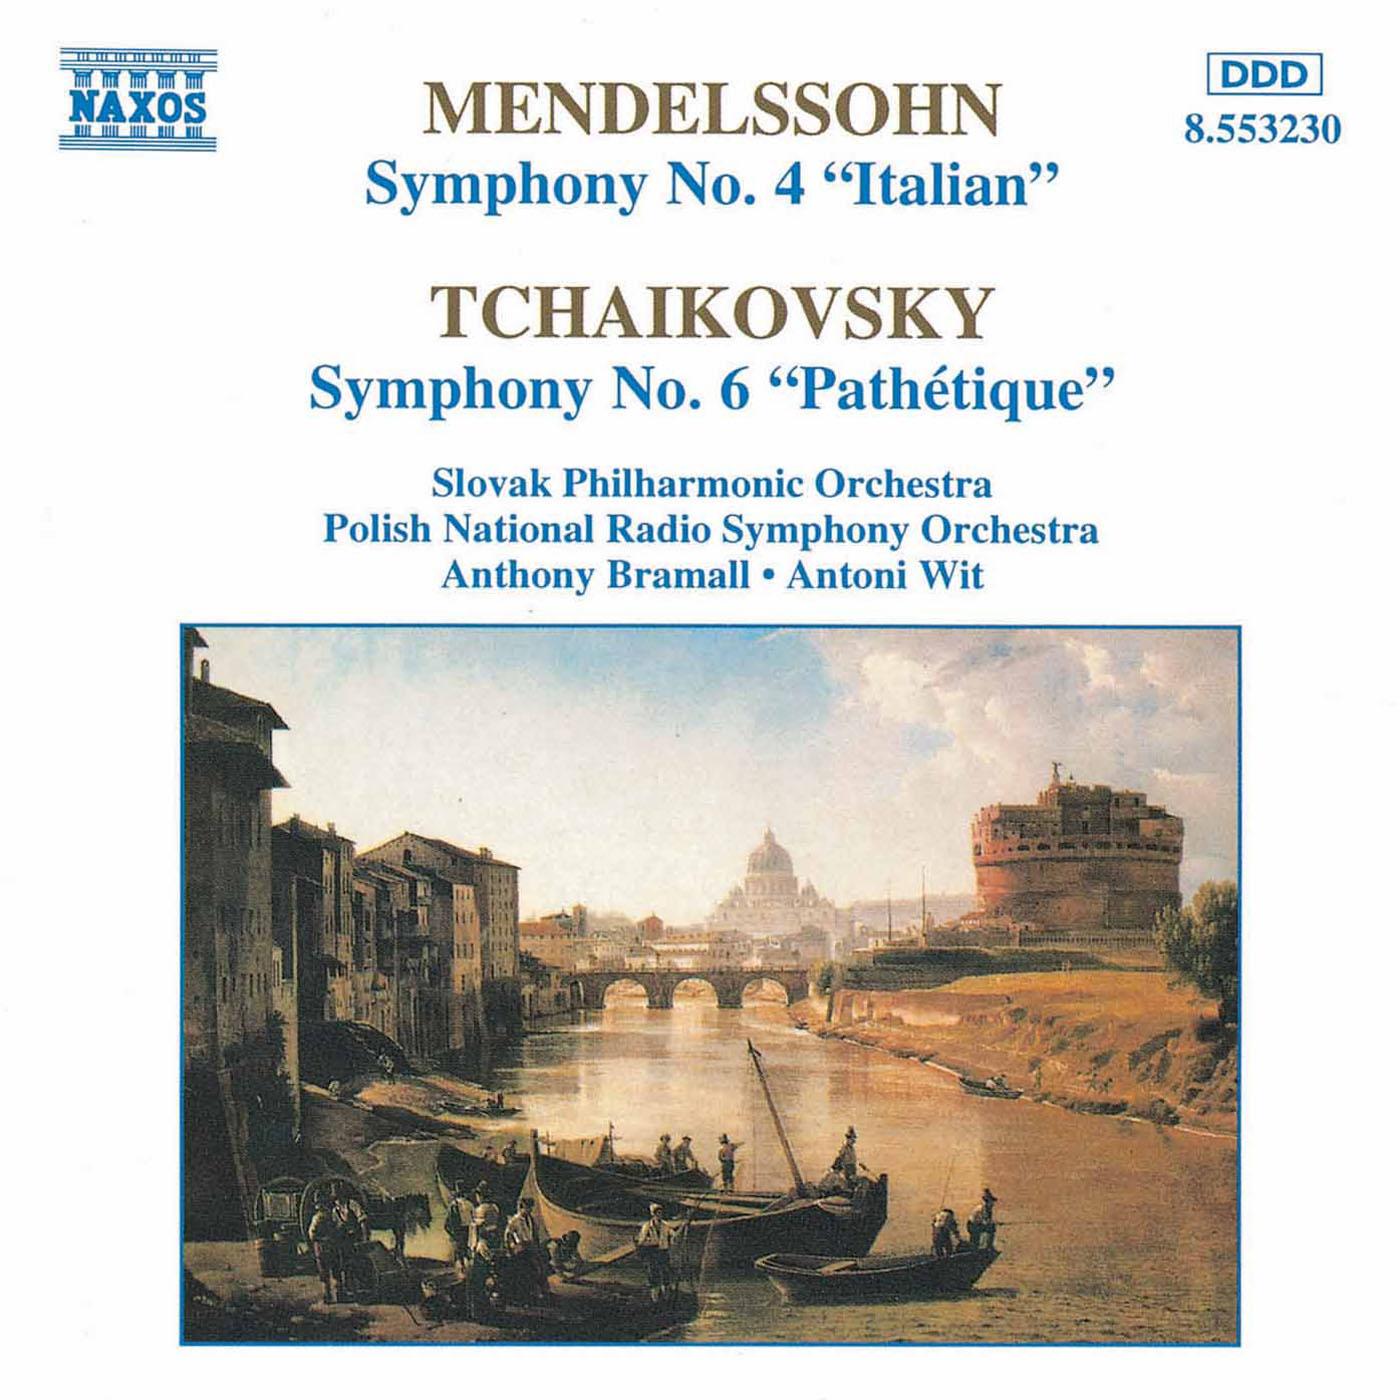 MENDELSSOHN: Symphony No. 4 - TCHAIKOVSKY: Symphony No. 6, 'Pathetique'